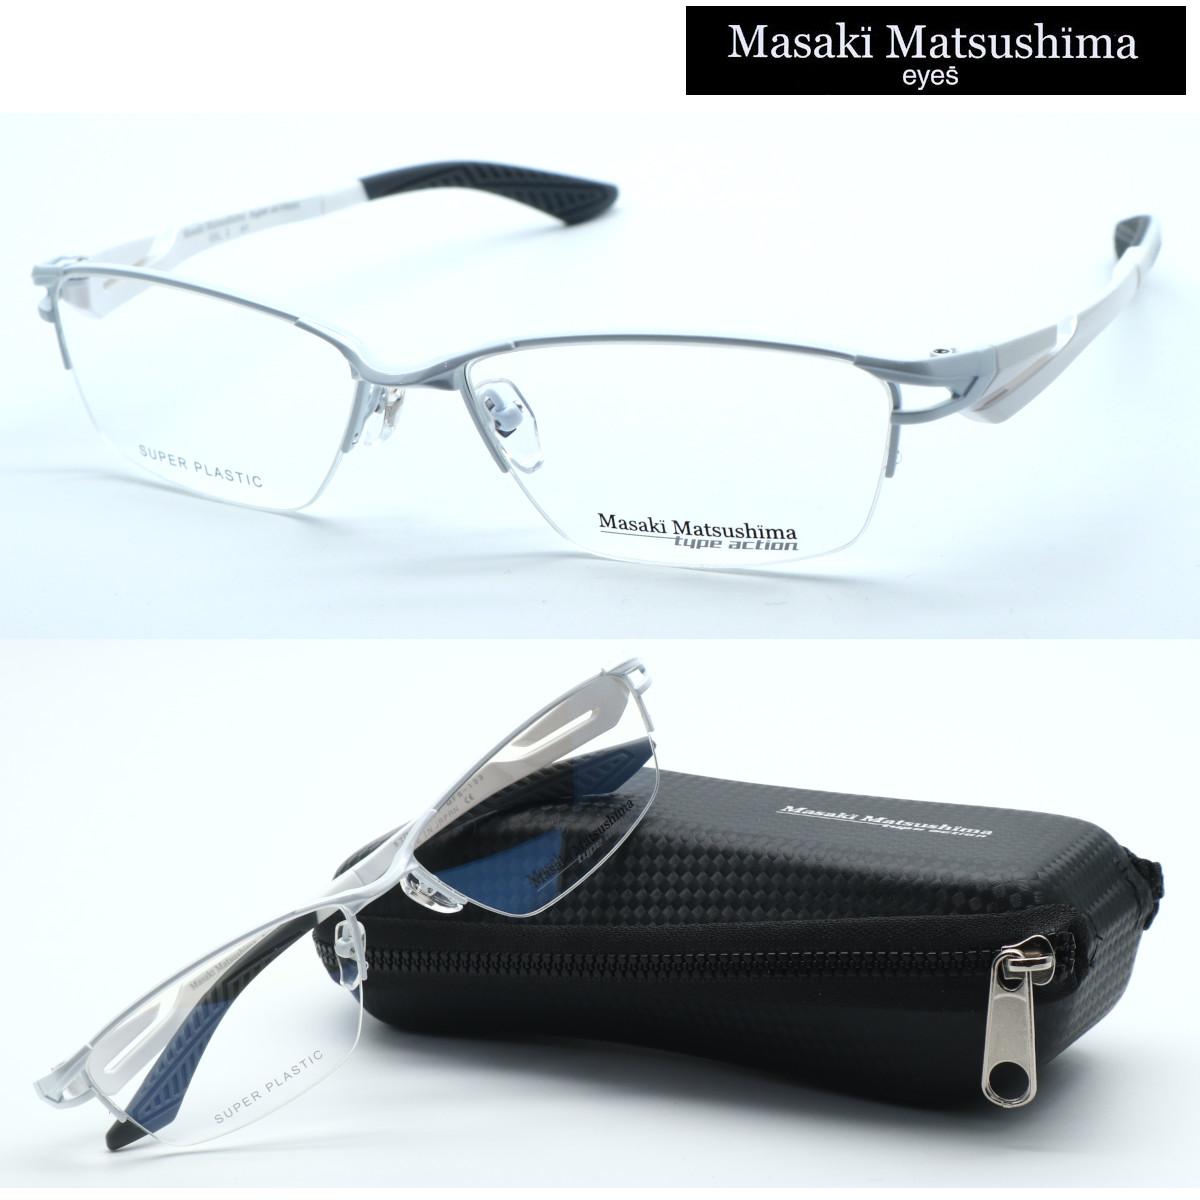 大人気 マサキマツシマ を大胆価格で 店頭受取対応商品 Masaki Matsushima type action 送料無料お手入れ要らず 送料無料 大きいサイズ col.3 正規品 度付又は度無レンズセッ メガネ メンズ まとめ買い特価 MFS-133